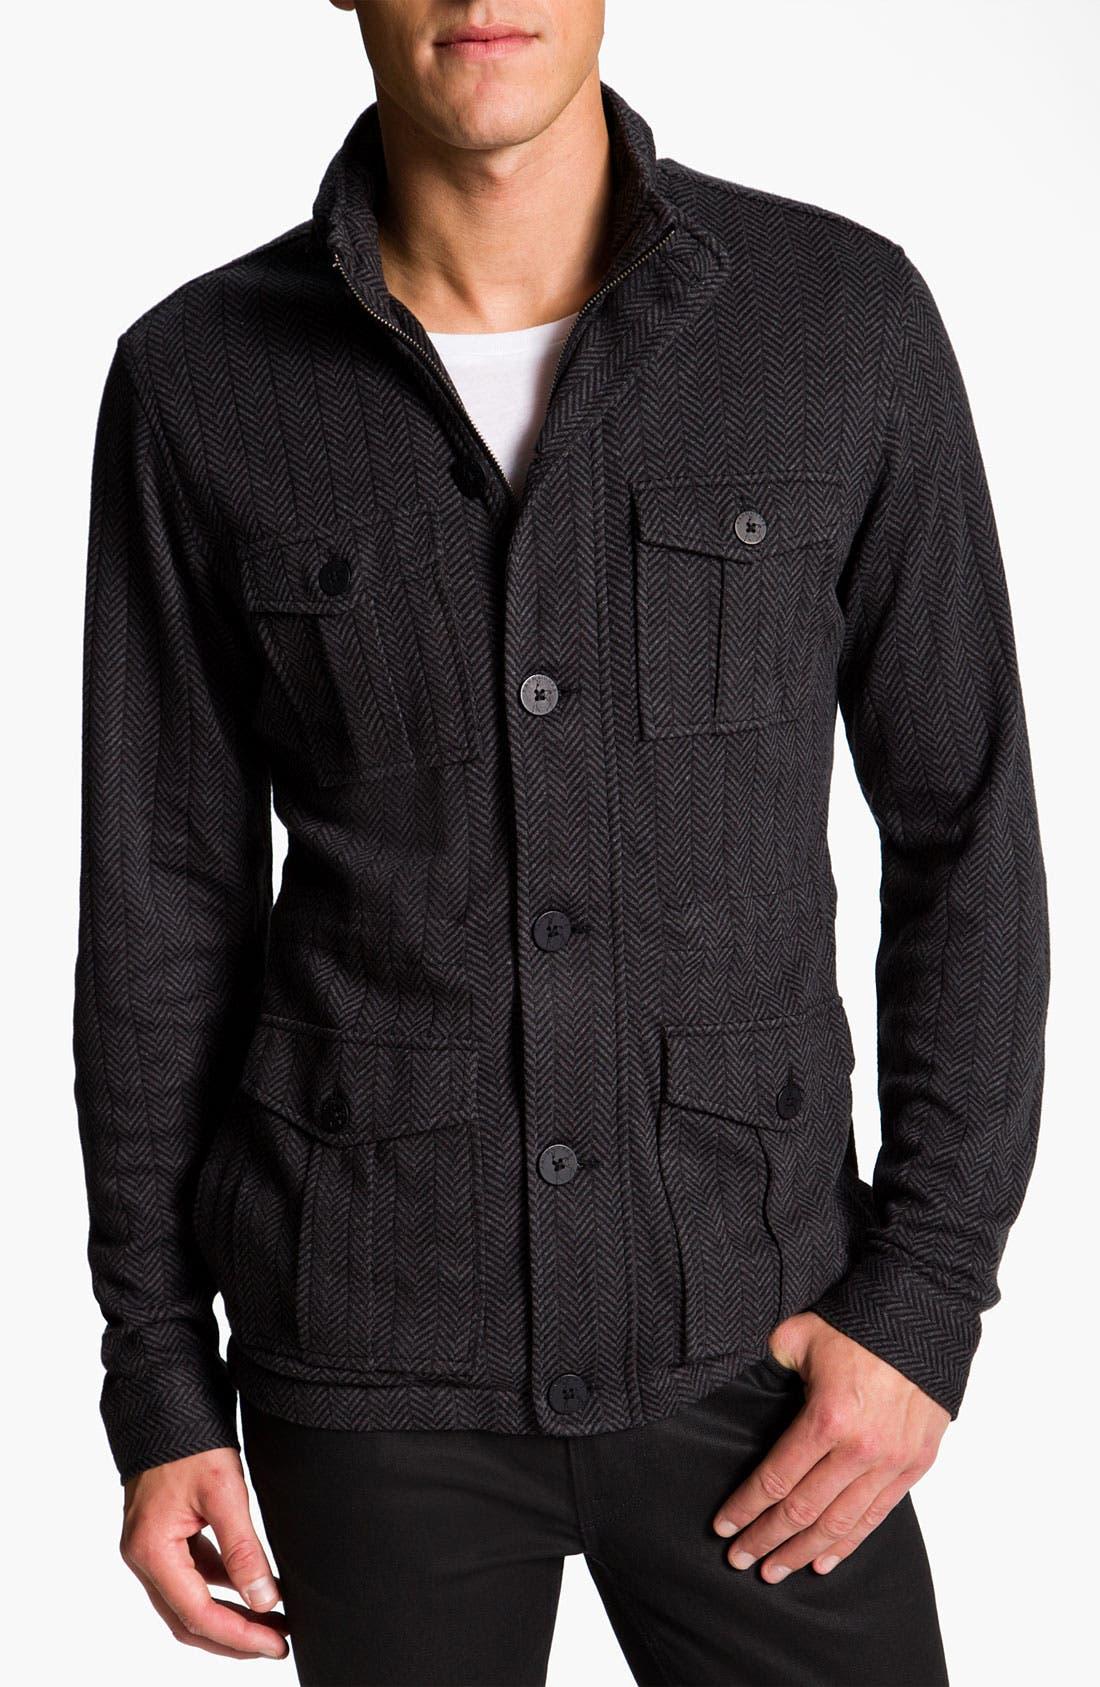 Alternate Image 1 Selected - Kane & Unke Herringbone Trim Fit Jacket